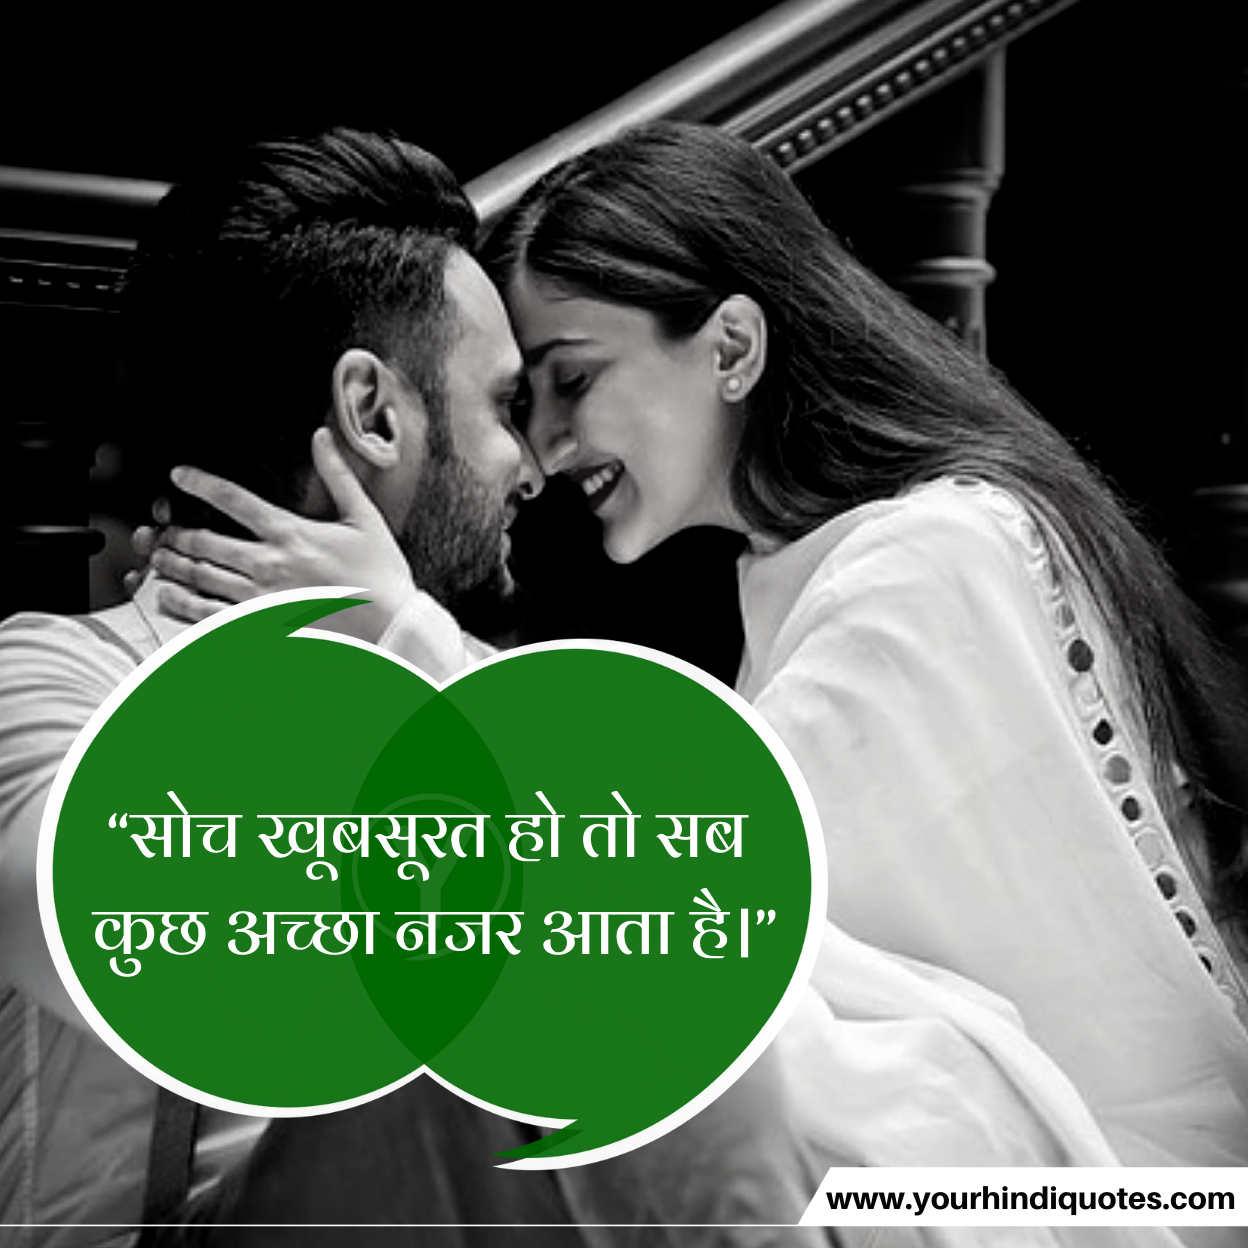 Hindi Good Morning Shayari Picture